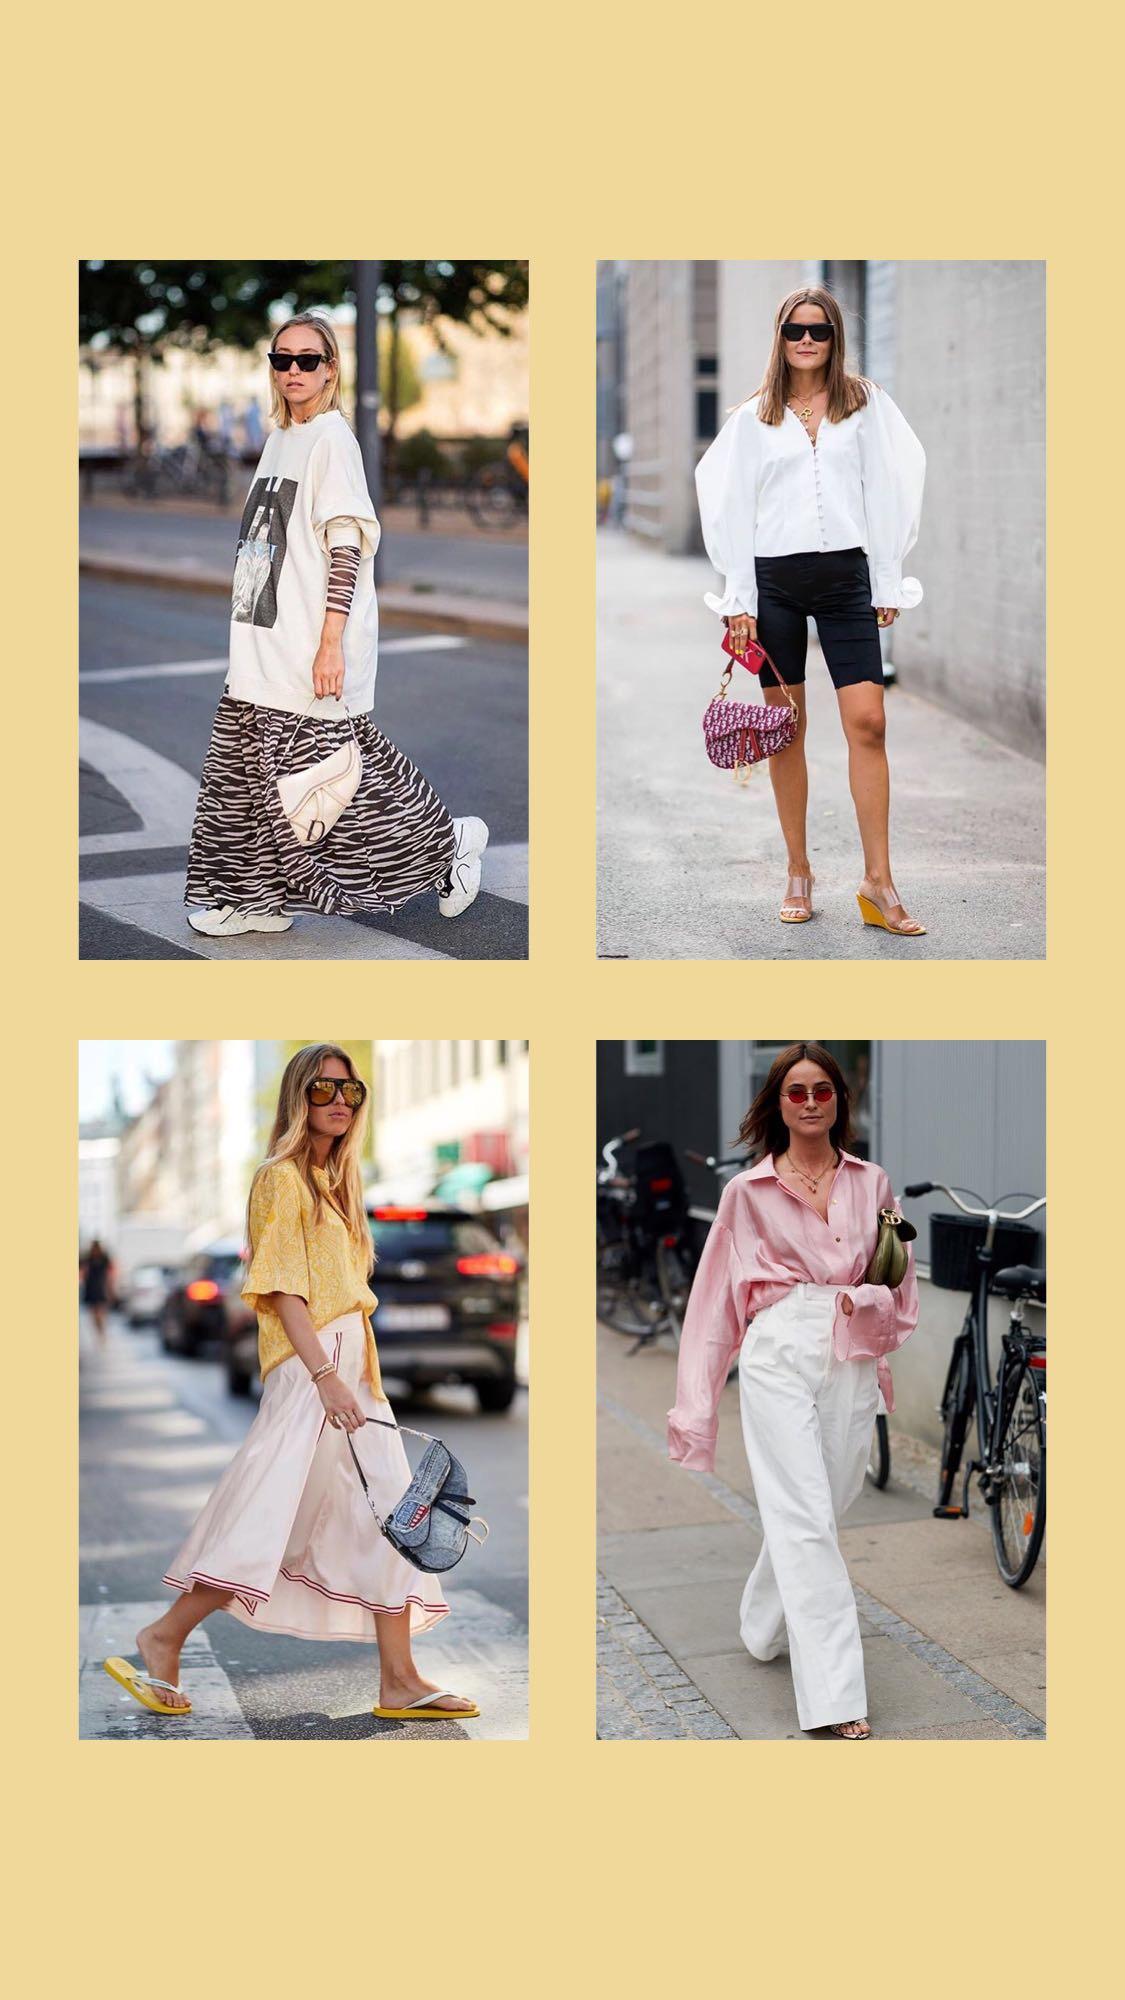 Copenhagen Street Style Trends - www.lesfactoryfemmes.com